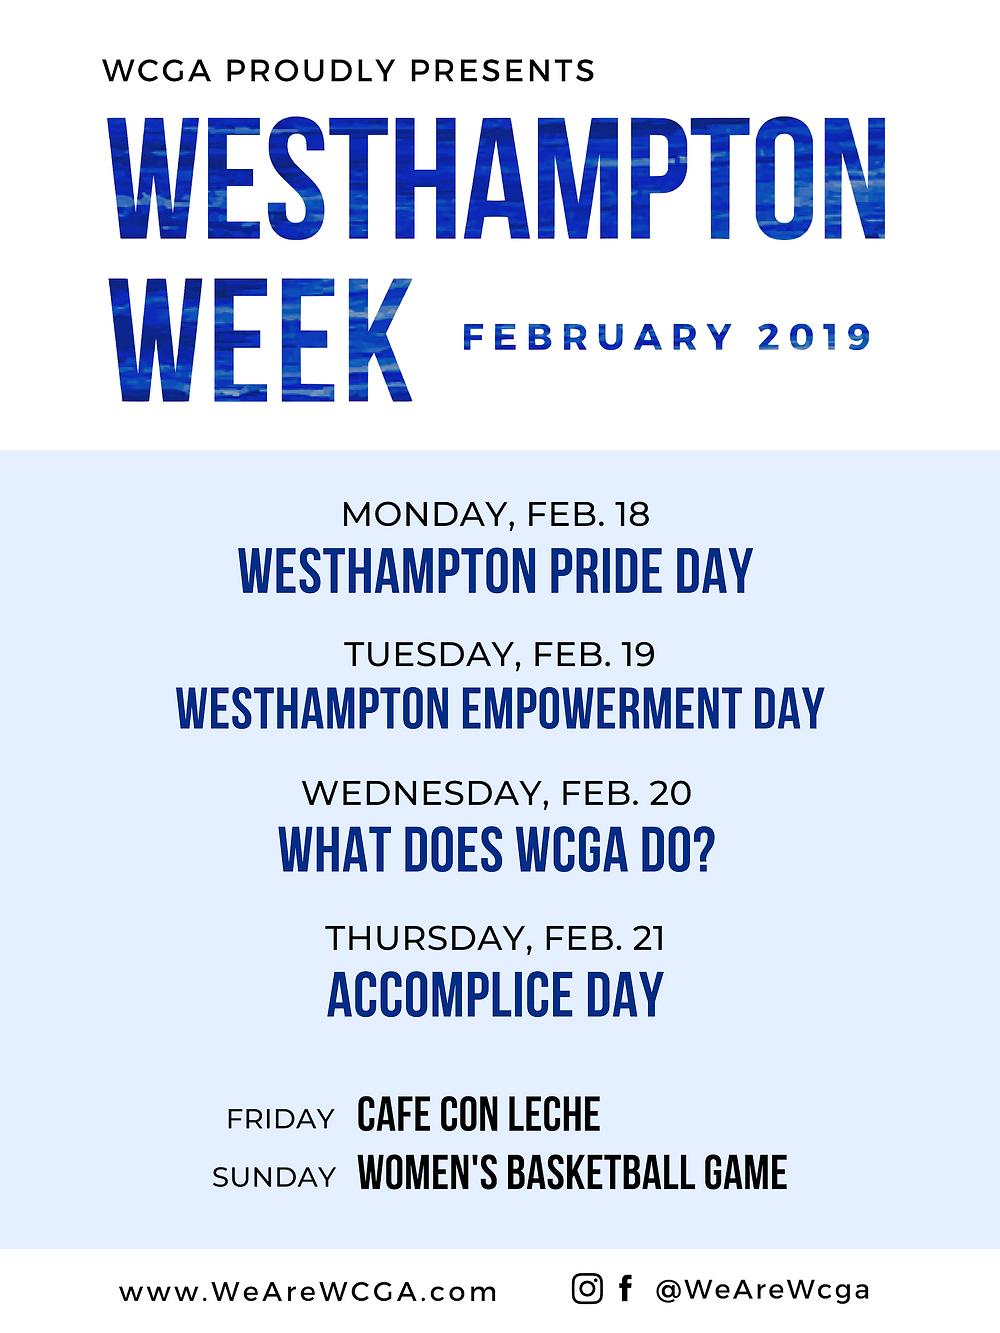 Westhampton Week 2019 Schedule